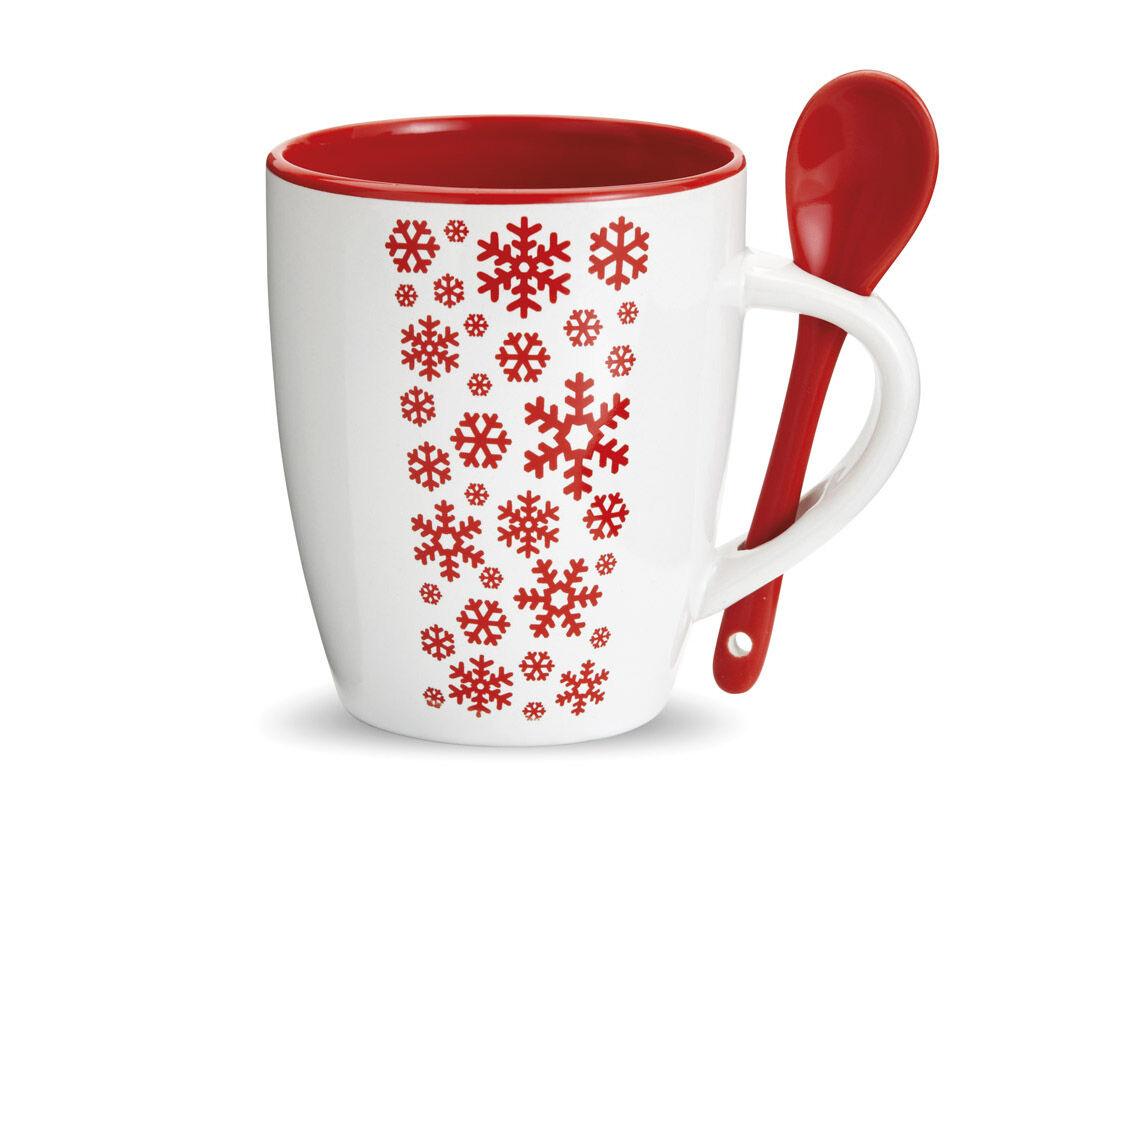 Mugs for Christmas